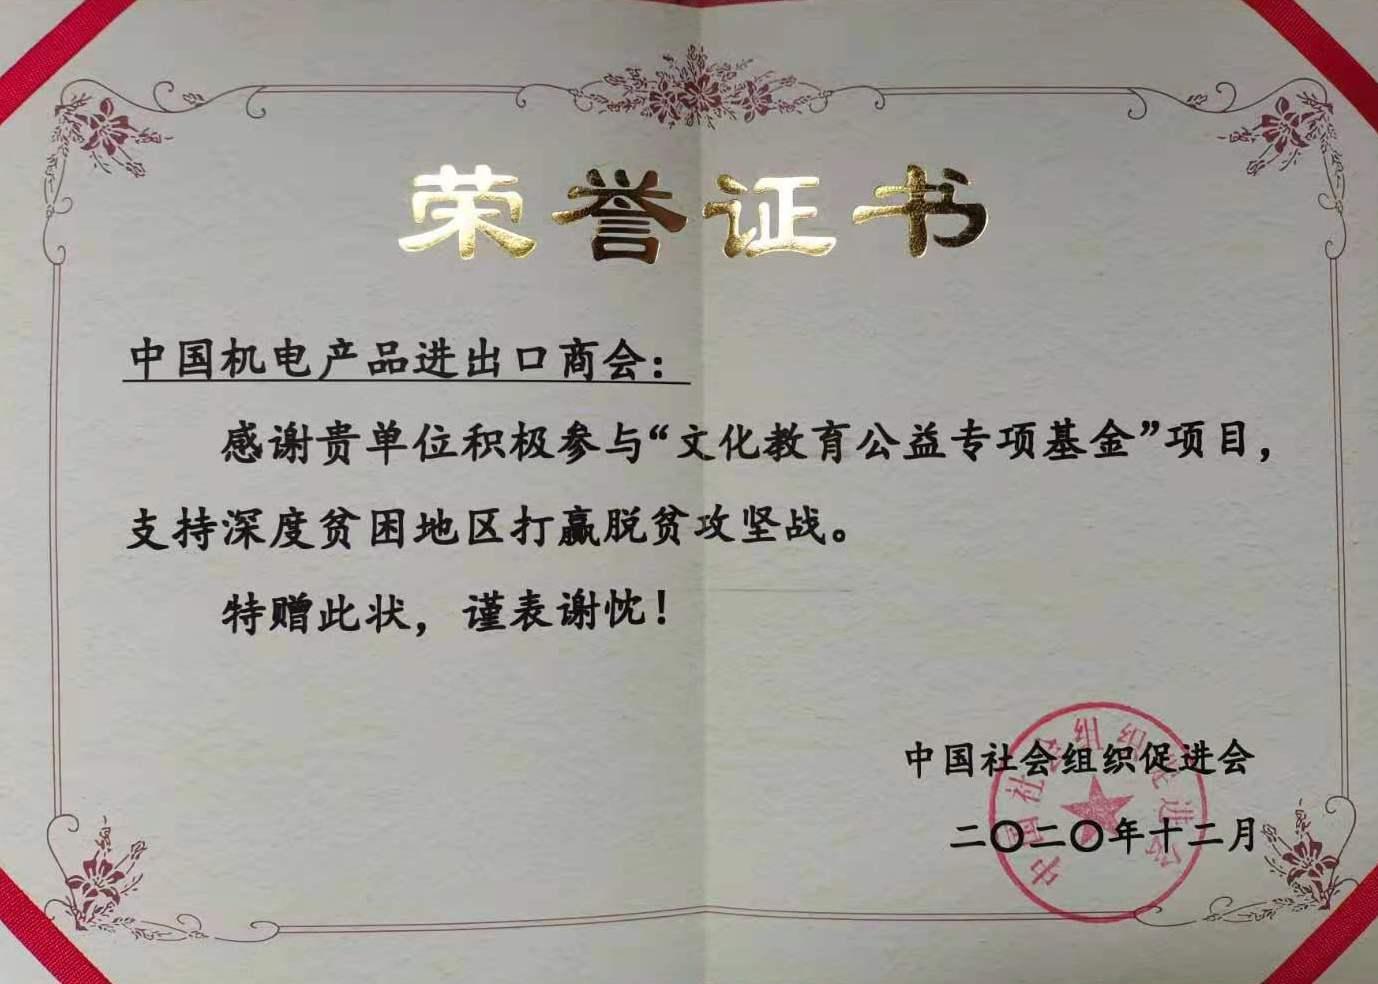 中国社会组织促进会文化教育公益专项基金委员会向我会颁发荣誉证书并转赠扶贫助学锦旗